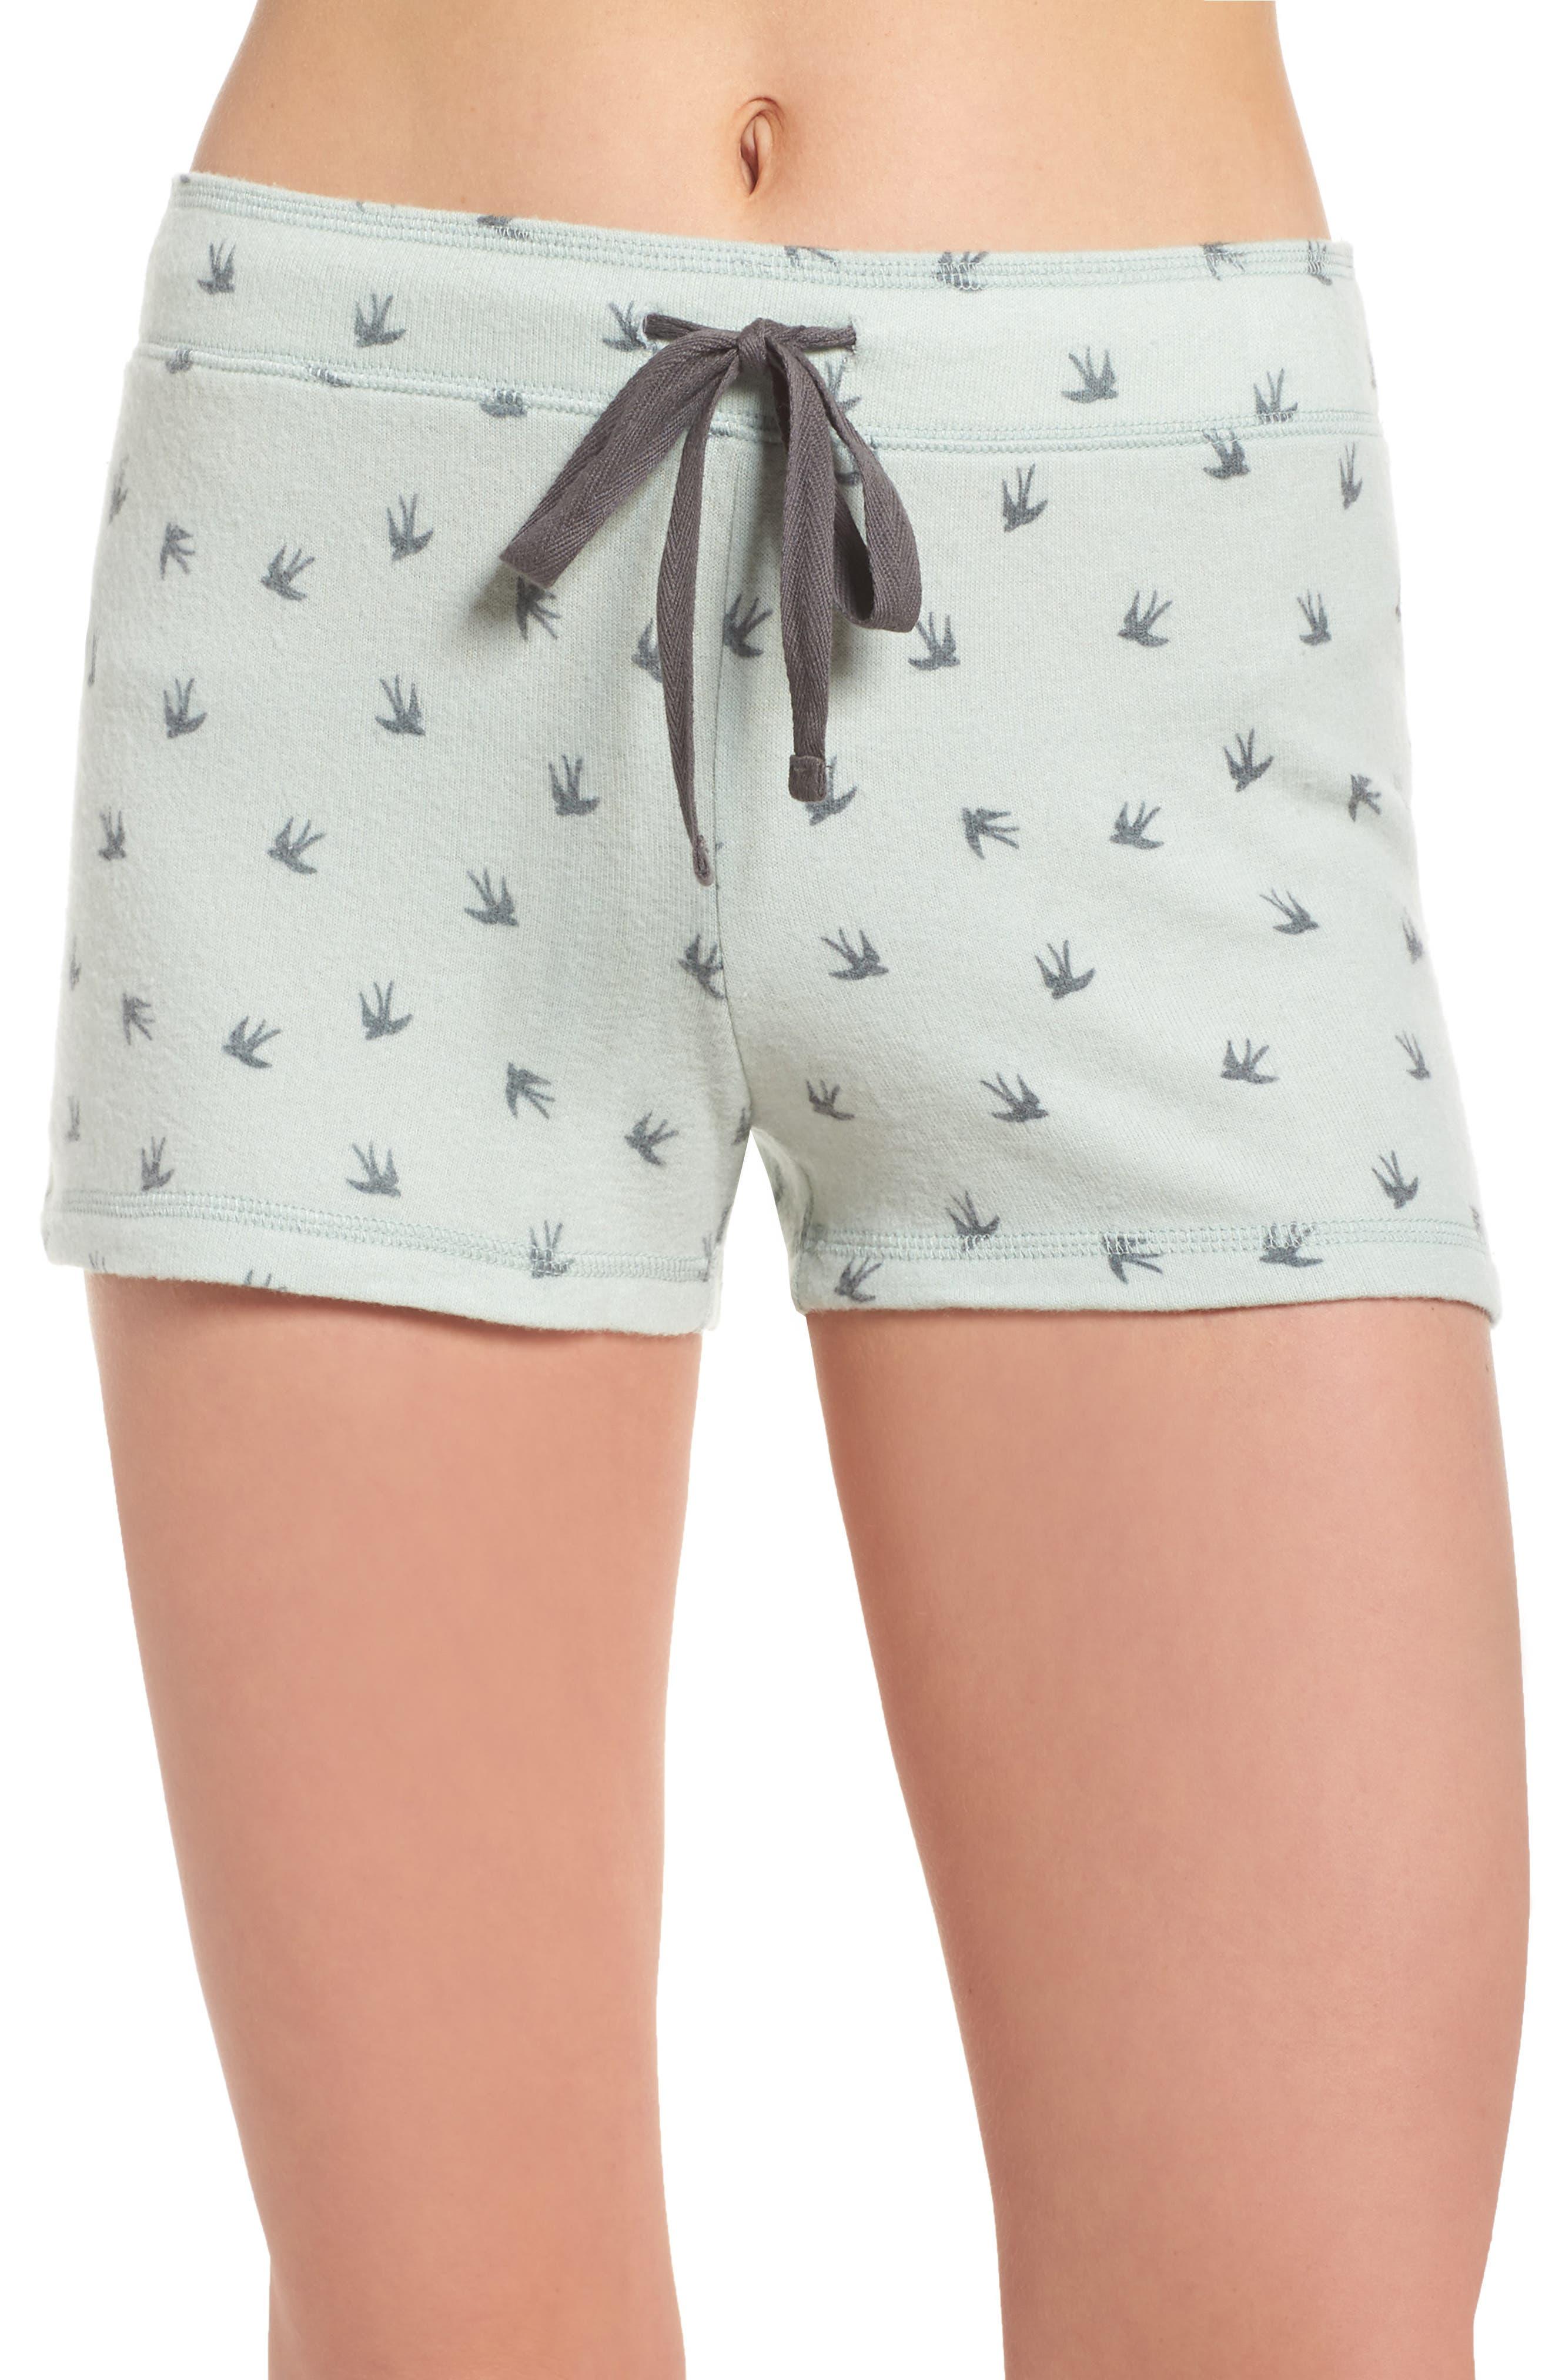 Peachy Pajama Shorts,                             Main thumbnail 2, color,